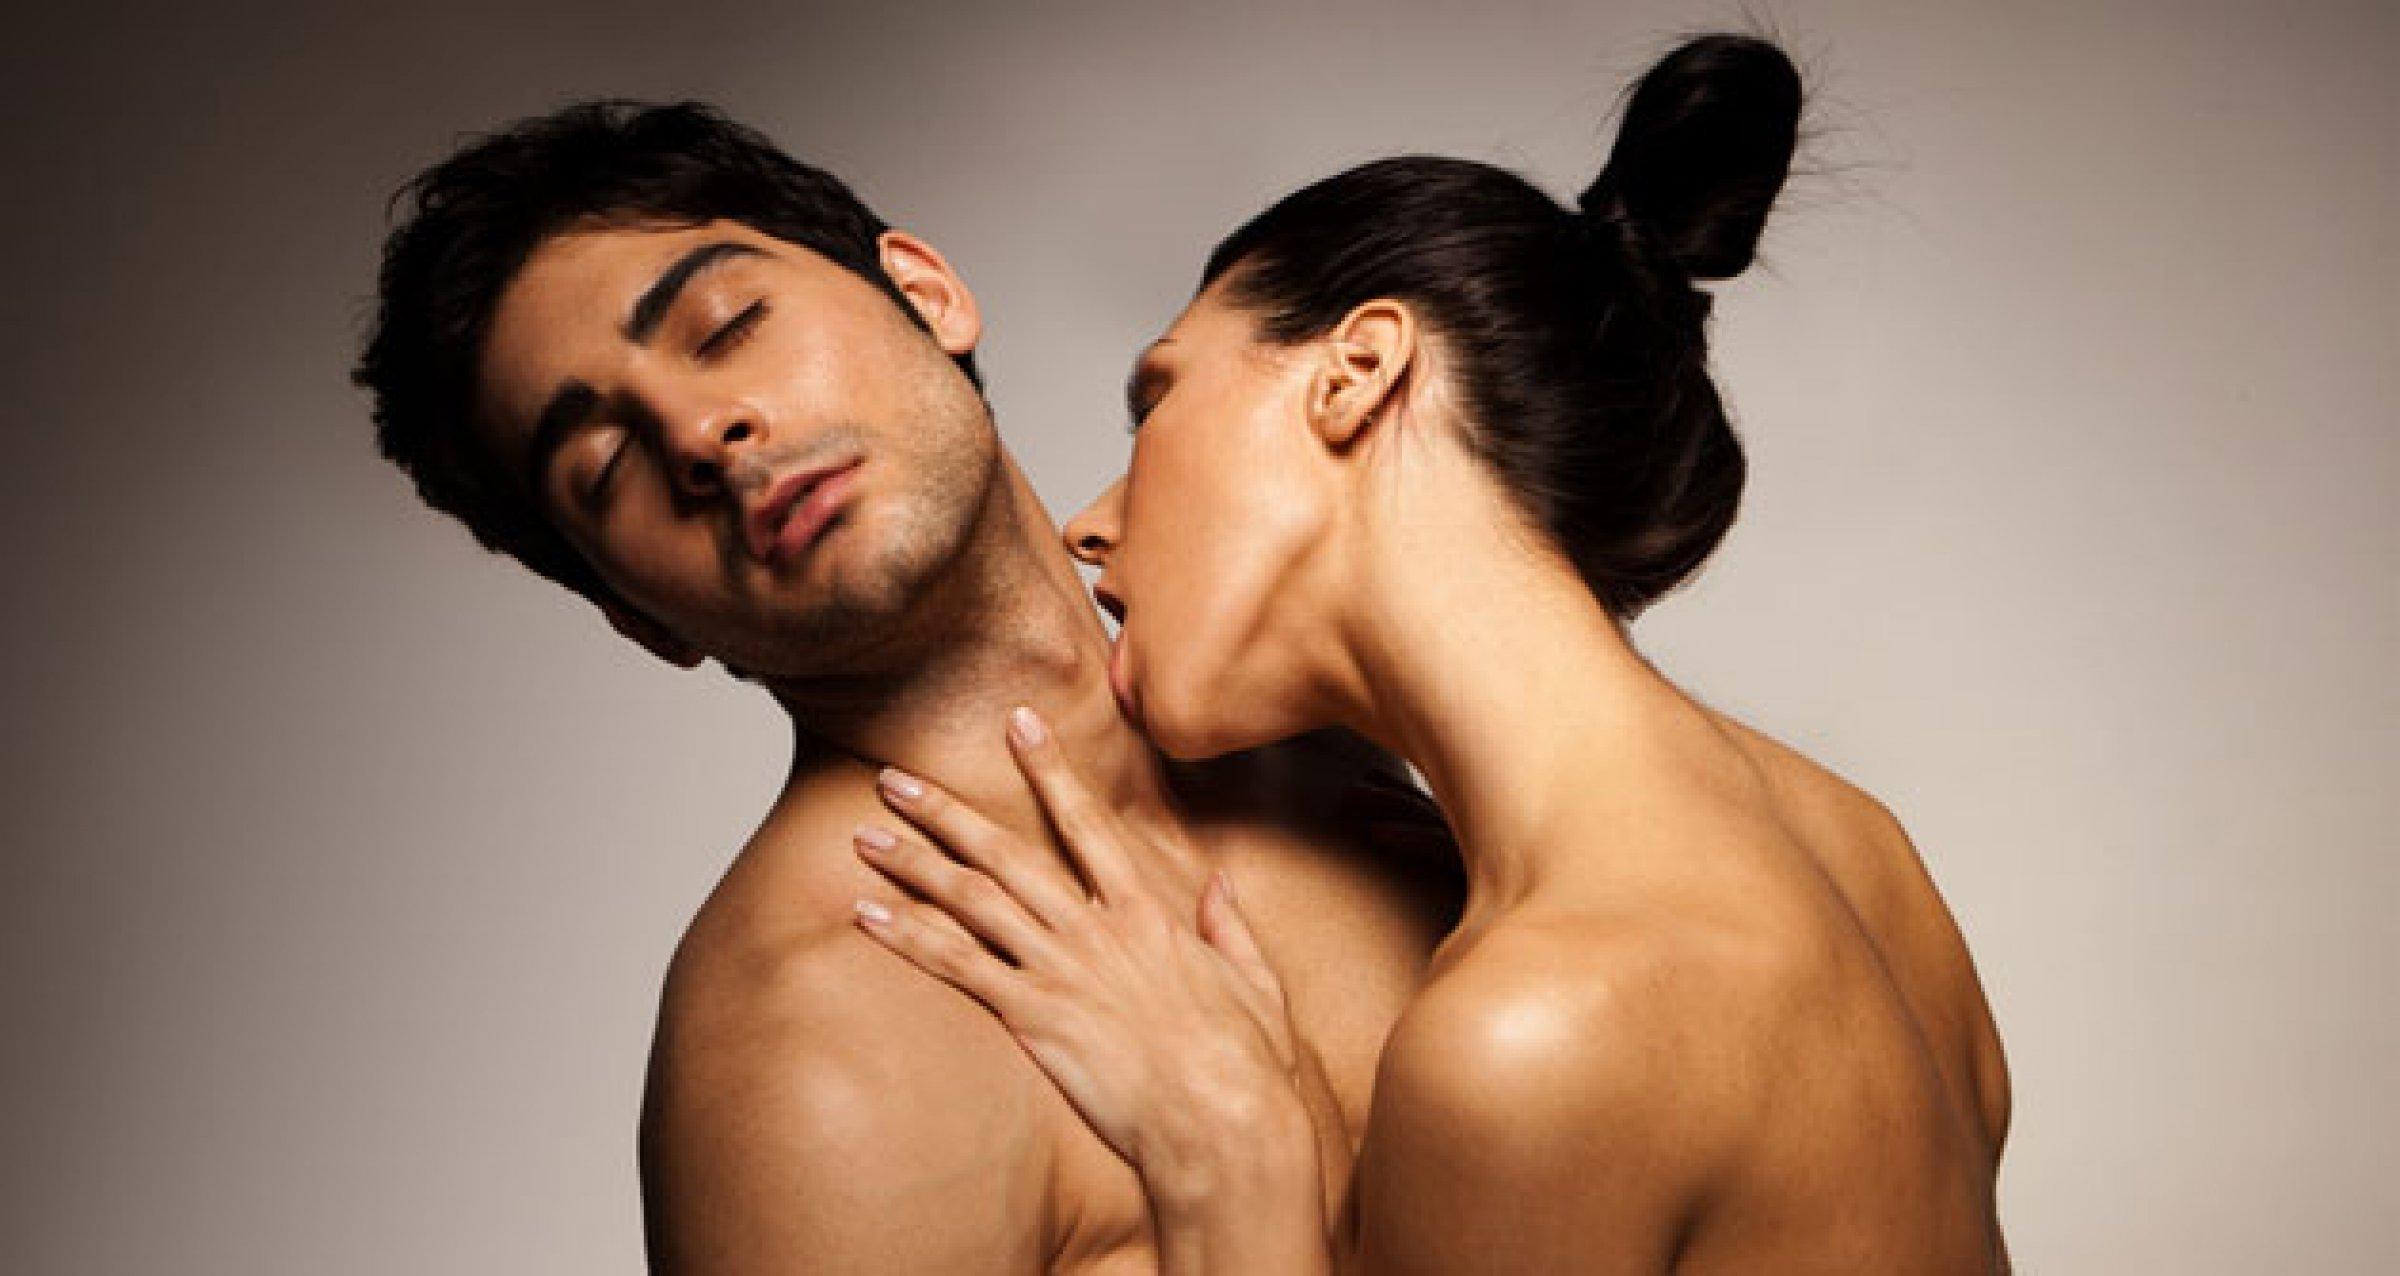 кокс одна женские и мужские гентталии фото странице